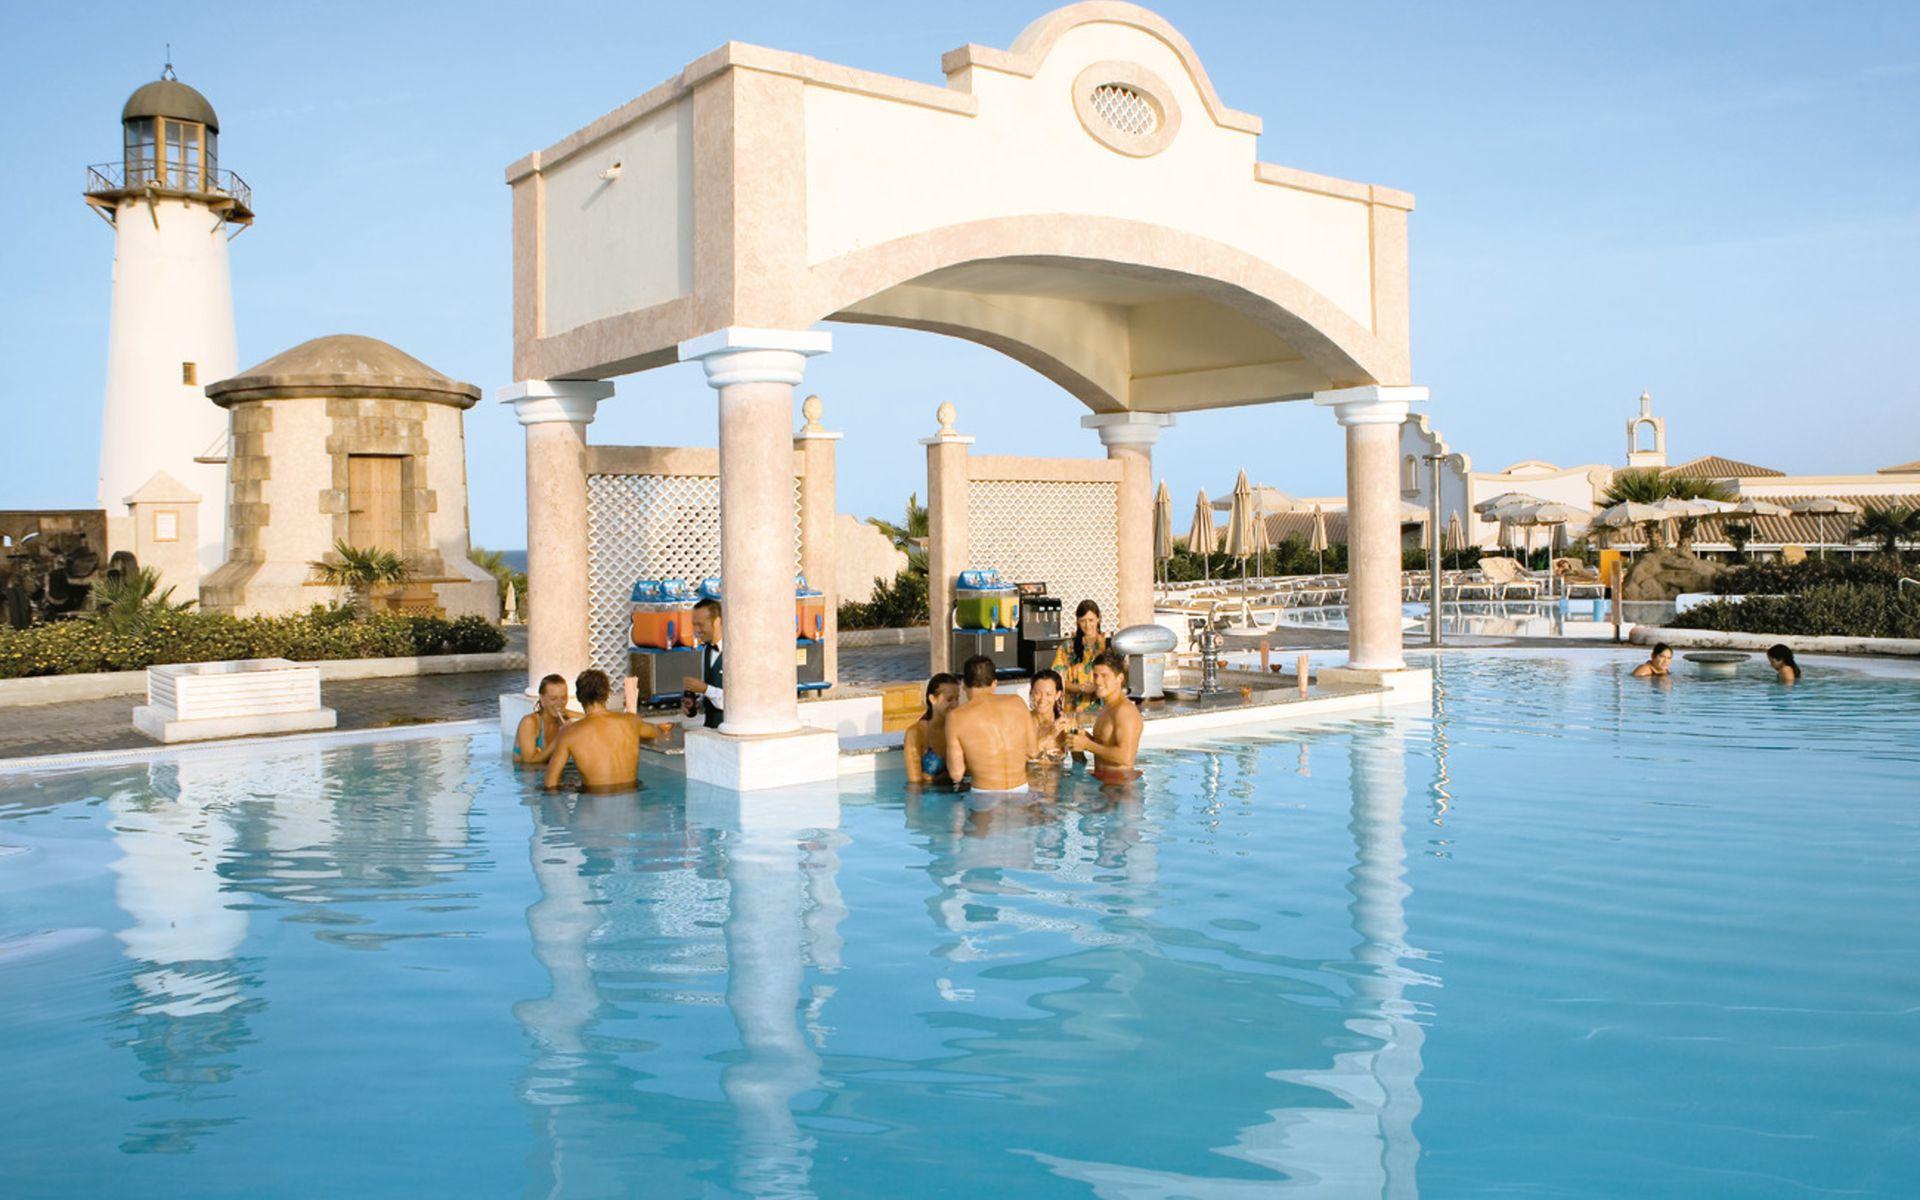 Club hotel riu chiclana en chiclana de la frontera costa for Piscinas chiclana